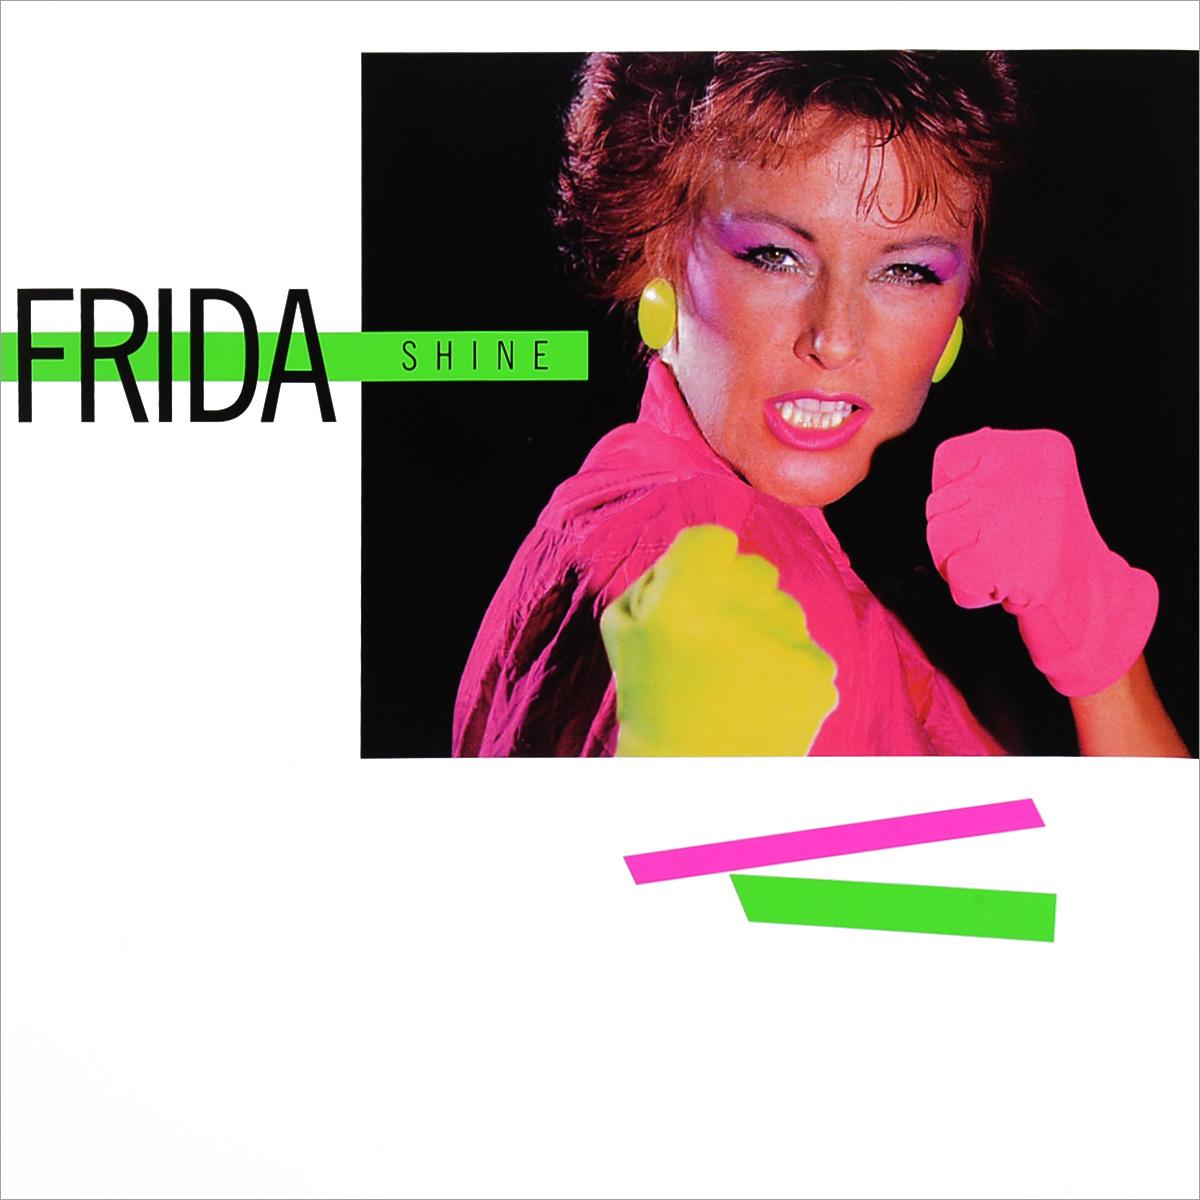 Frida Frida. Shine (Coloured Vinyl) (LP) mina mina maeba coloured vinyl lp